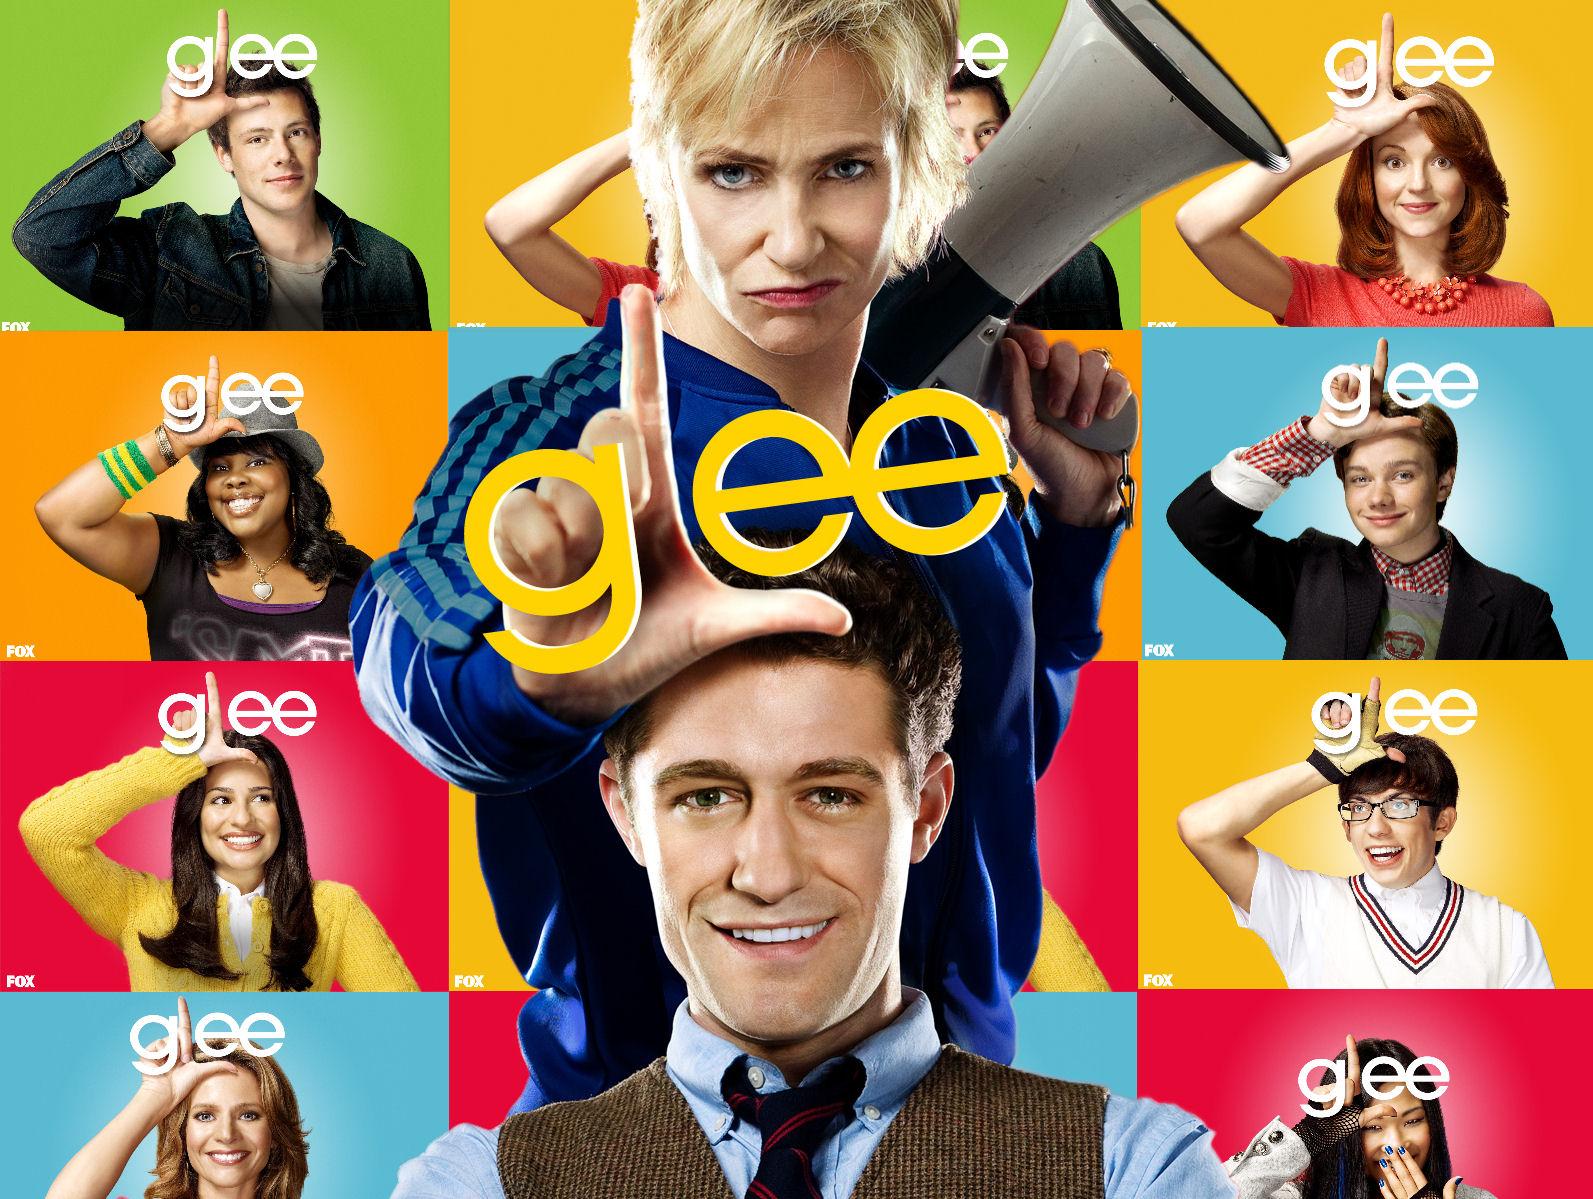 http://3.bp.blogspot.com/_OBWJf2k6TMo/TQgvg271LHI/AAAAAAAAEQk/XHIARX4cnBw/s1600/Glee-2.jpg